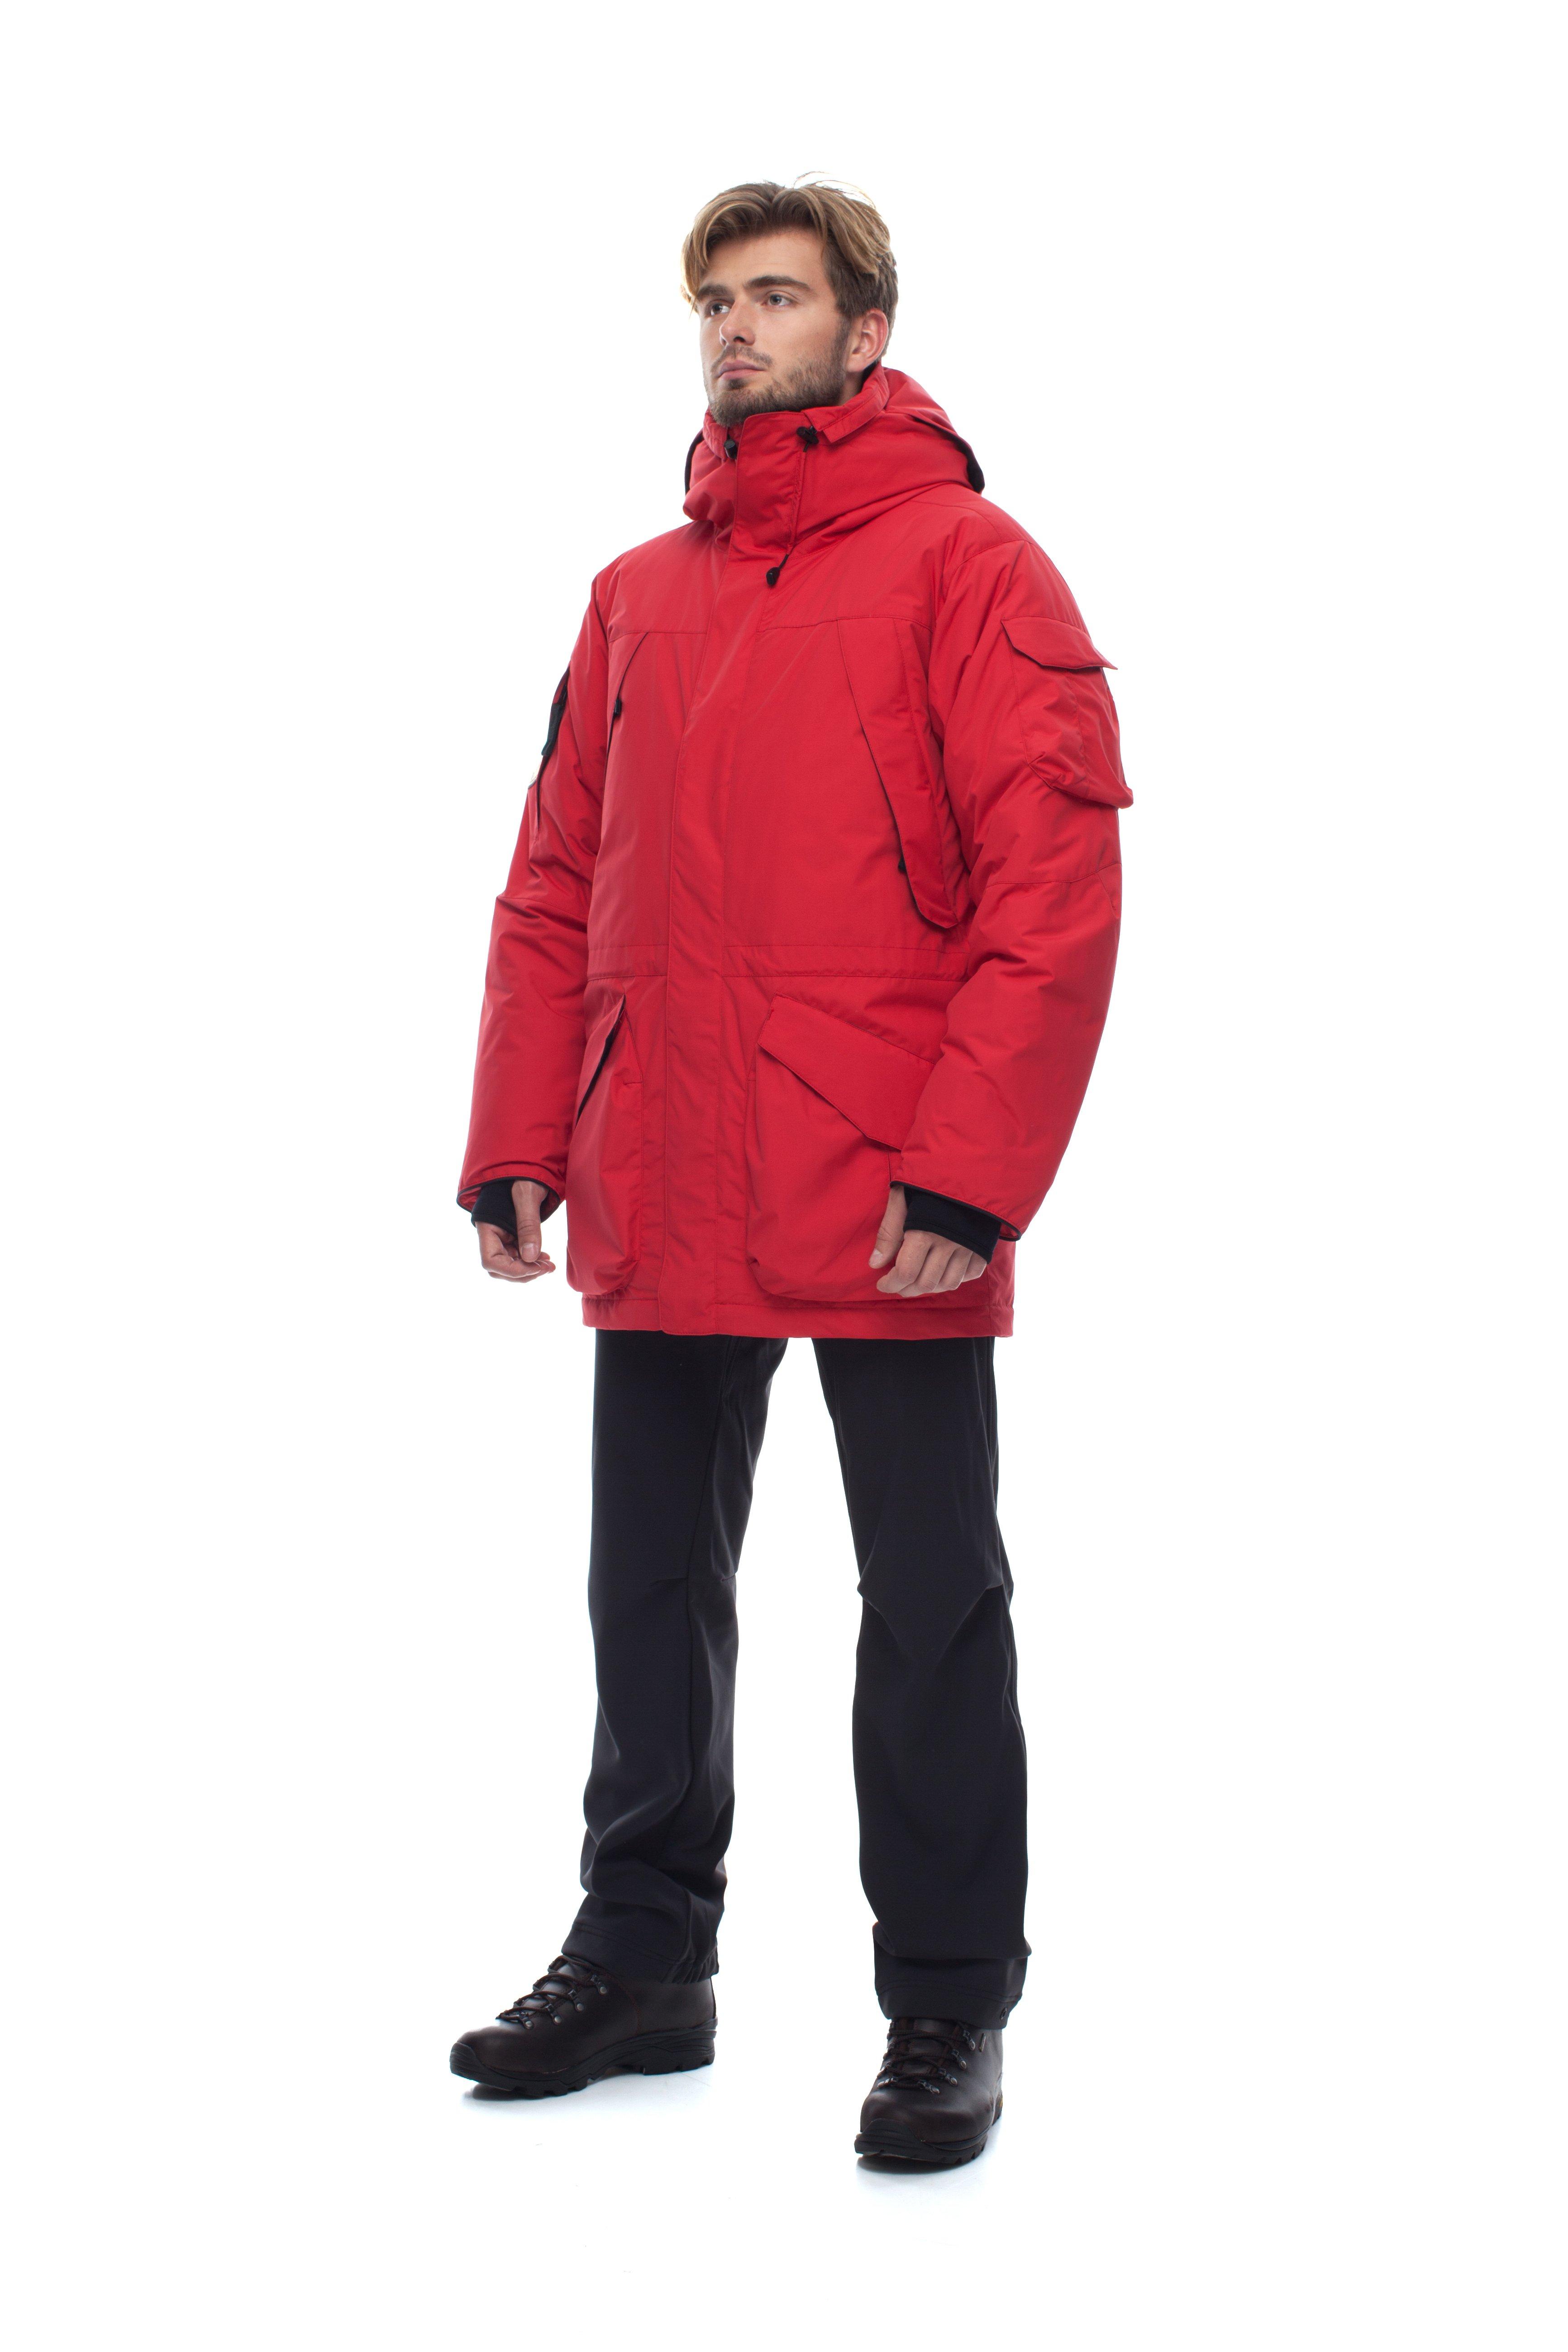 Пуховая куртка BASK ALASKA V2 5192aТёплая, но легкая зимняя пуховая куртка-аляска для суровой зимы.<br><br>Верхняя ткань: Nylon Supplex<br>Вес граммы: 1960<br>Вес утеплителя: 470<br>Ветро-влагозащитные свойства верхней ткани: Нет<br>Ветрозащитная планка: Да<br>Ветрозащитная юбка: Да<br>Влагозащитные молнии: Нет<br>Внутренние манжеты: Да<br>Внутренняя ткань: Advance® Classic<br>Водонепроницаемость: 3000<br>Дублирующий центральную молнию клапан: Да<br>Защитный козырёк капюшона: Нет<br>Капюшон: несъемный<br>Карман для средств связи: Нет<br>Количество внешних карманов: 6<br>Количество внутренних карманов: 4<br>Мембрана: Nylon Supplex®<br>Объемный крой локтевой зоны: Да<br>Отстёгивающиеся рукава: Нет<br>Паропроницаемость: 3000<br>Показатель Fill Power (для пуховых изделий): 670<br>Пол: Муж.<br>Проклейка швов: Нет<br>Регулировка манжетов рукавов: Нет<br>Регулировка низа: Да<br>Регулировка объёма капюшона: Да<br>Регулировка талии: Да<br>Регулируемые вентиляционные отверстия: Нет<br>Световозвращающая лента: Нет<br>Температурный режим: -30<br>Технология Thermal Welding: Нет<br>Технология швов: простые<br>Тип молнии: двухзамковая<br>Тип утеплителя: натуральный<br>Ткань усиления: нет<br>Усиление контактных зон: Нет<br>Утеплитель: гусиный пух<br>Размер RU: 46<br>Цвет: КОРИЧНЕВЫЙ